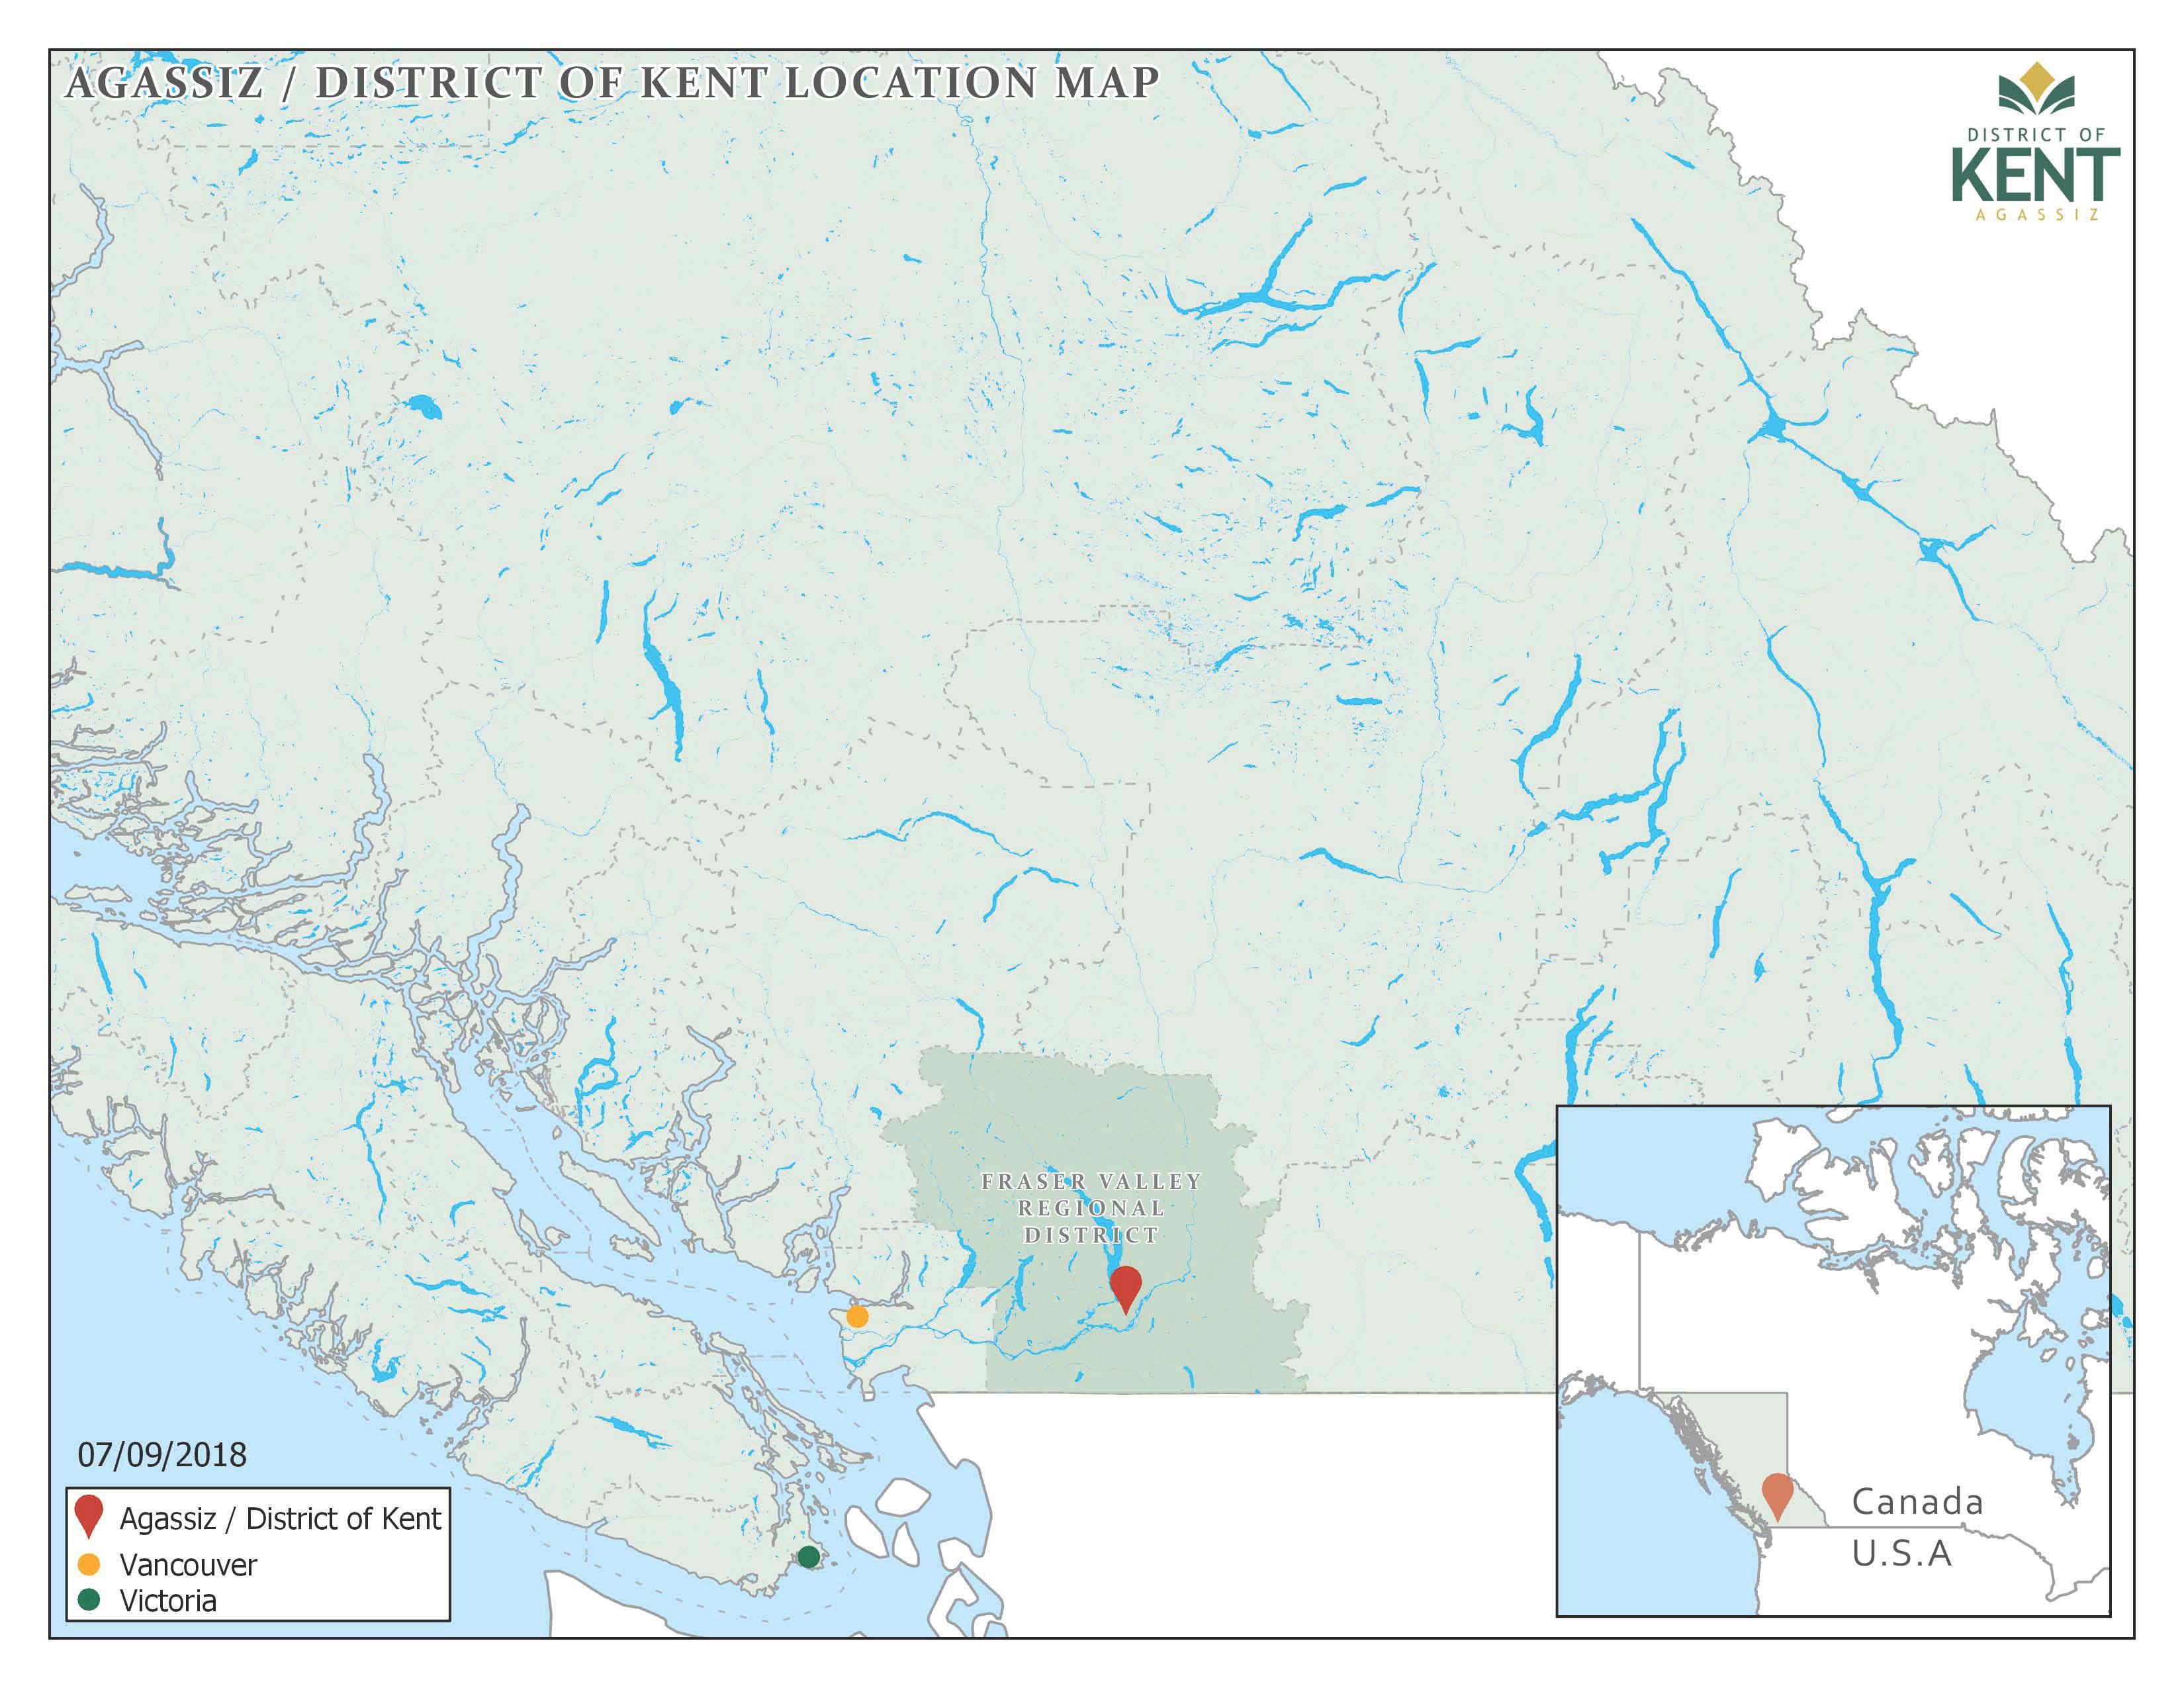 Image en couleur d'Agassiz et du district de Kent. Carte générale de la région par rapport à Vancouver et Victoria dans le sud de la Colombie-Britannique et la proximité d'Agassiz avec la frontière de l'État de Washington, 2018.